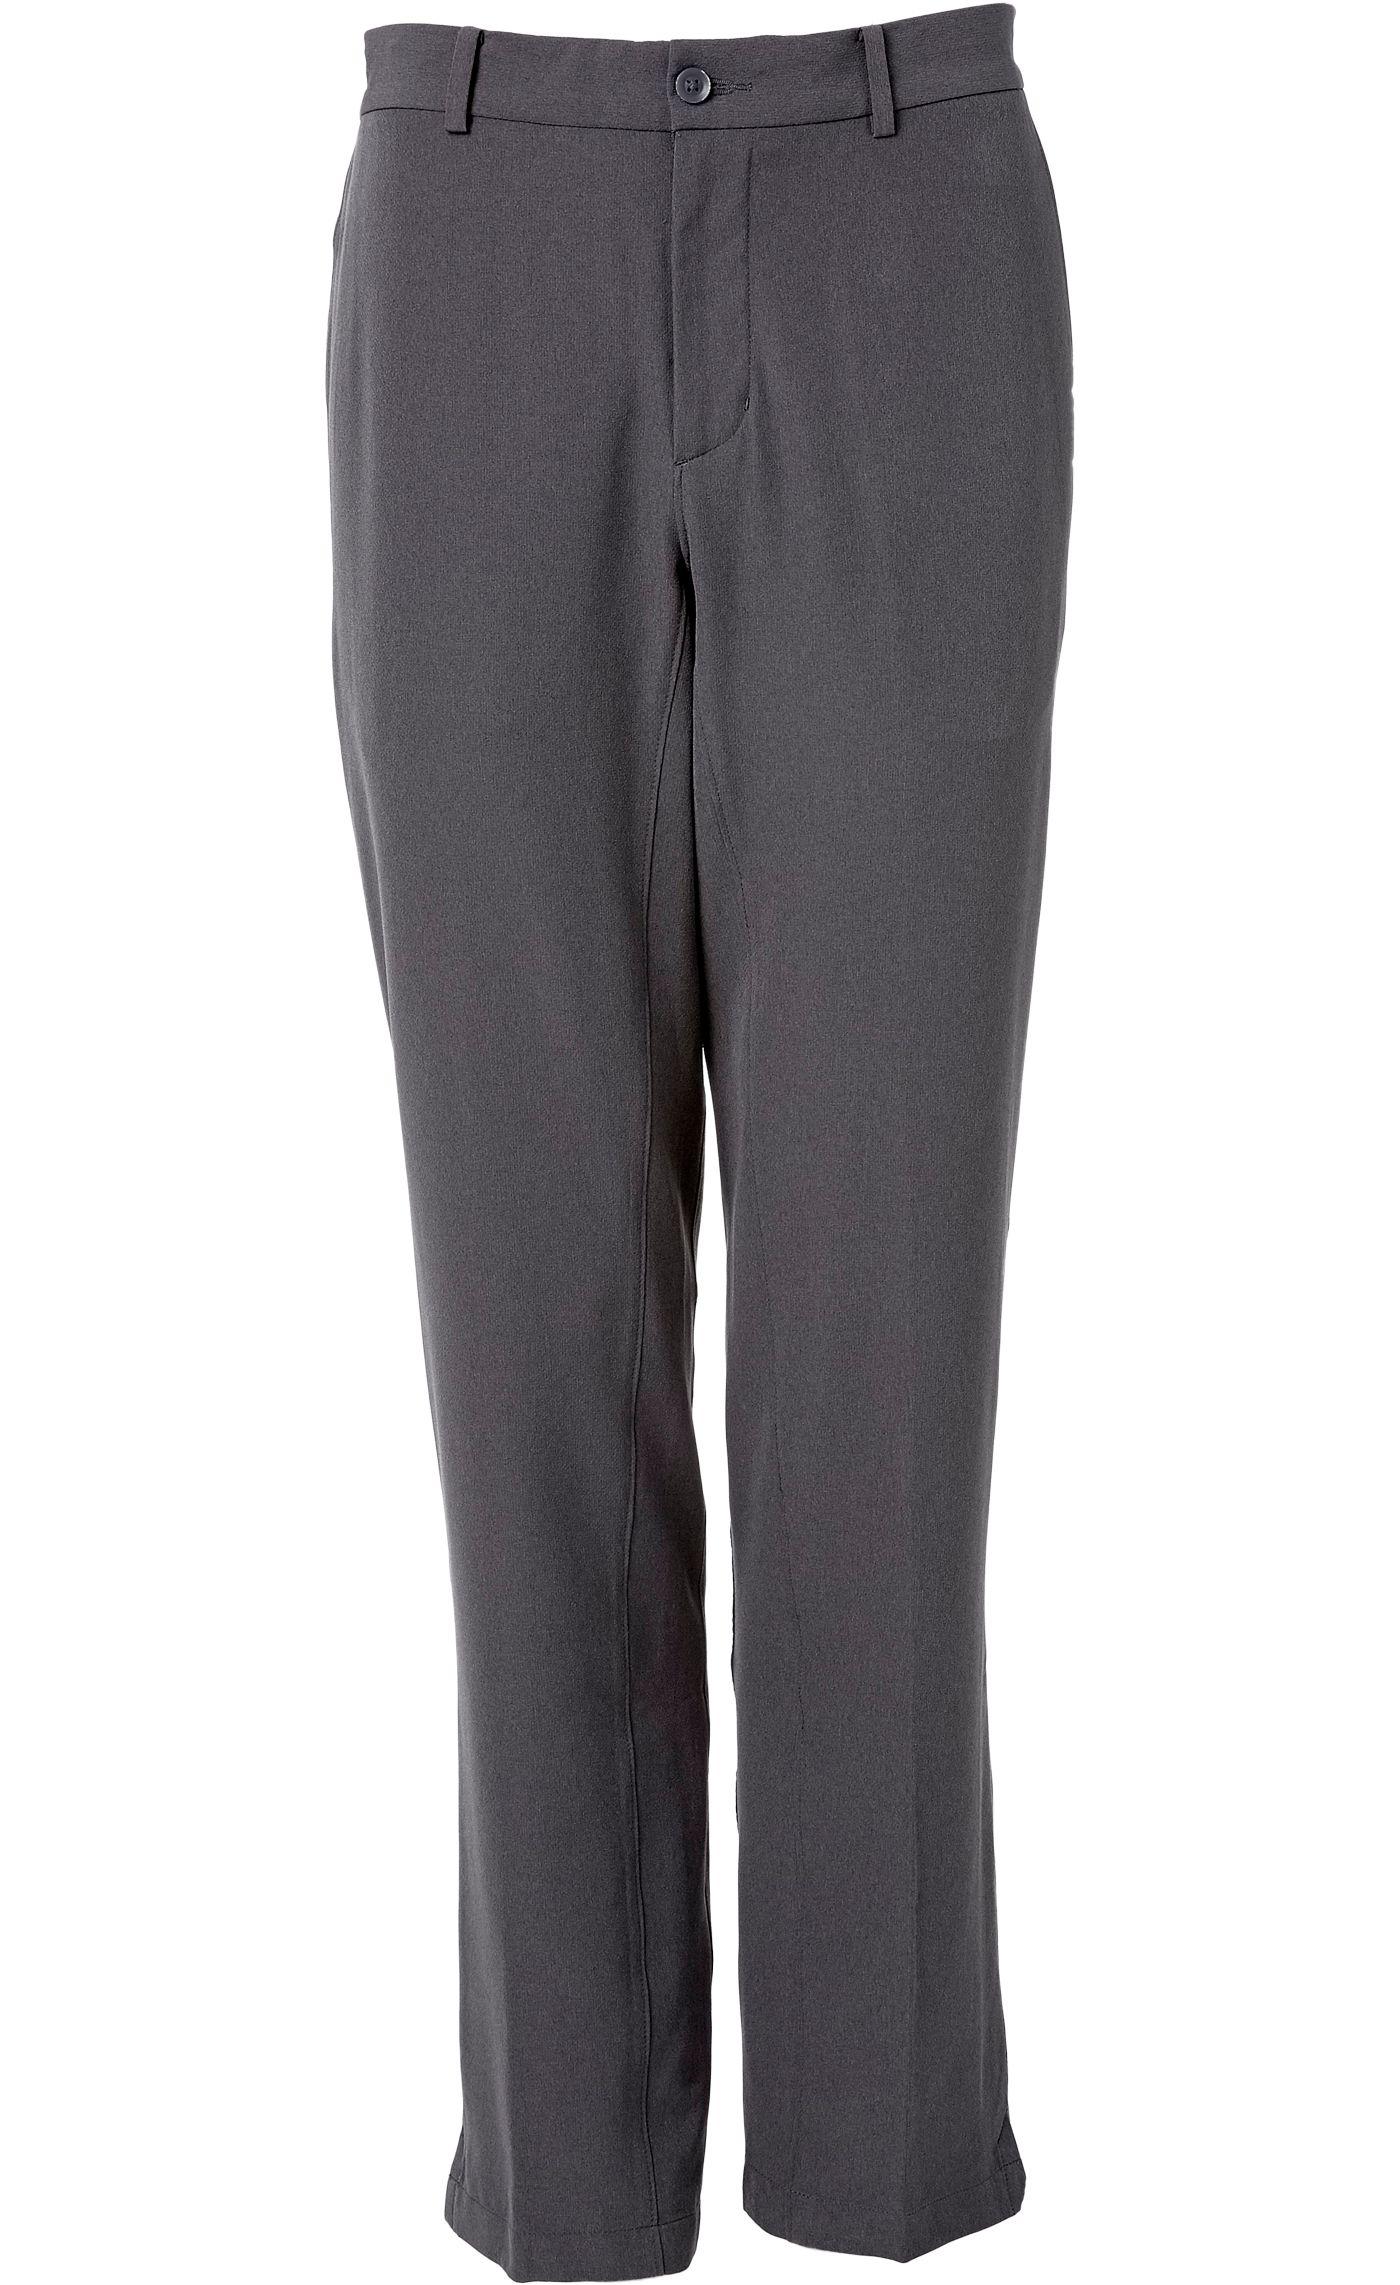 Nike Hybrid Woven Pants